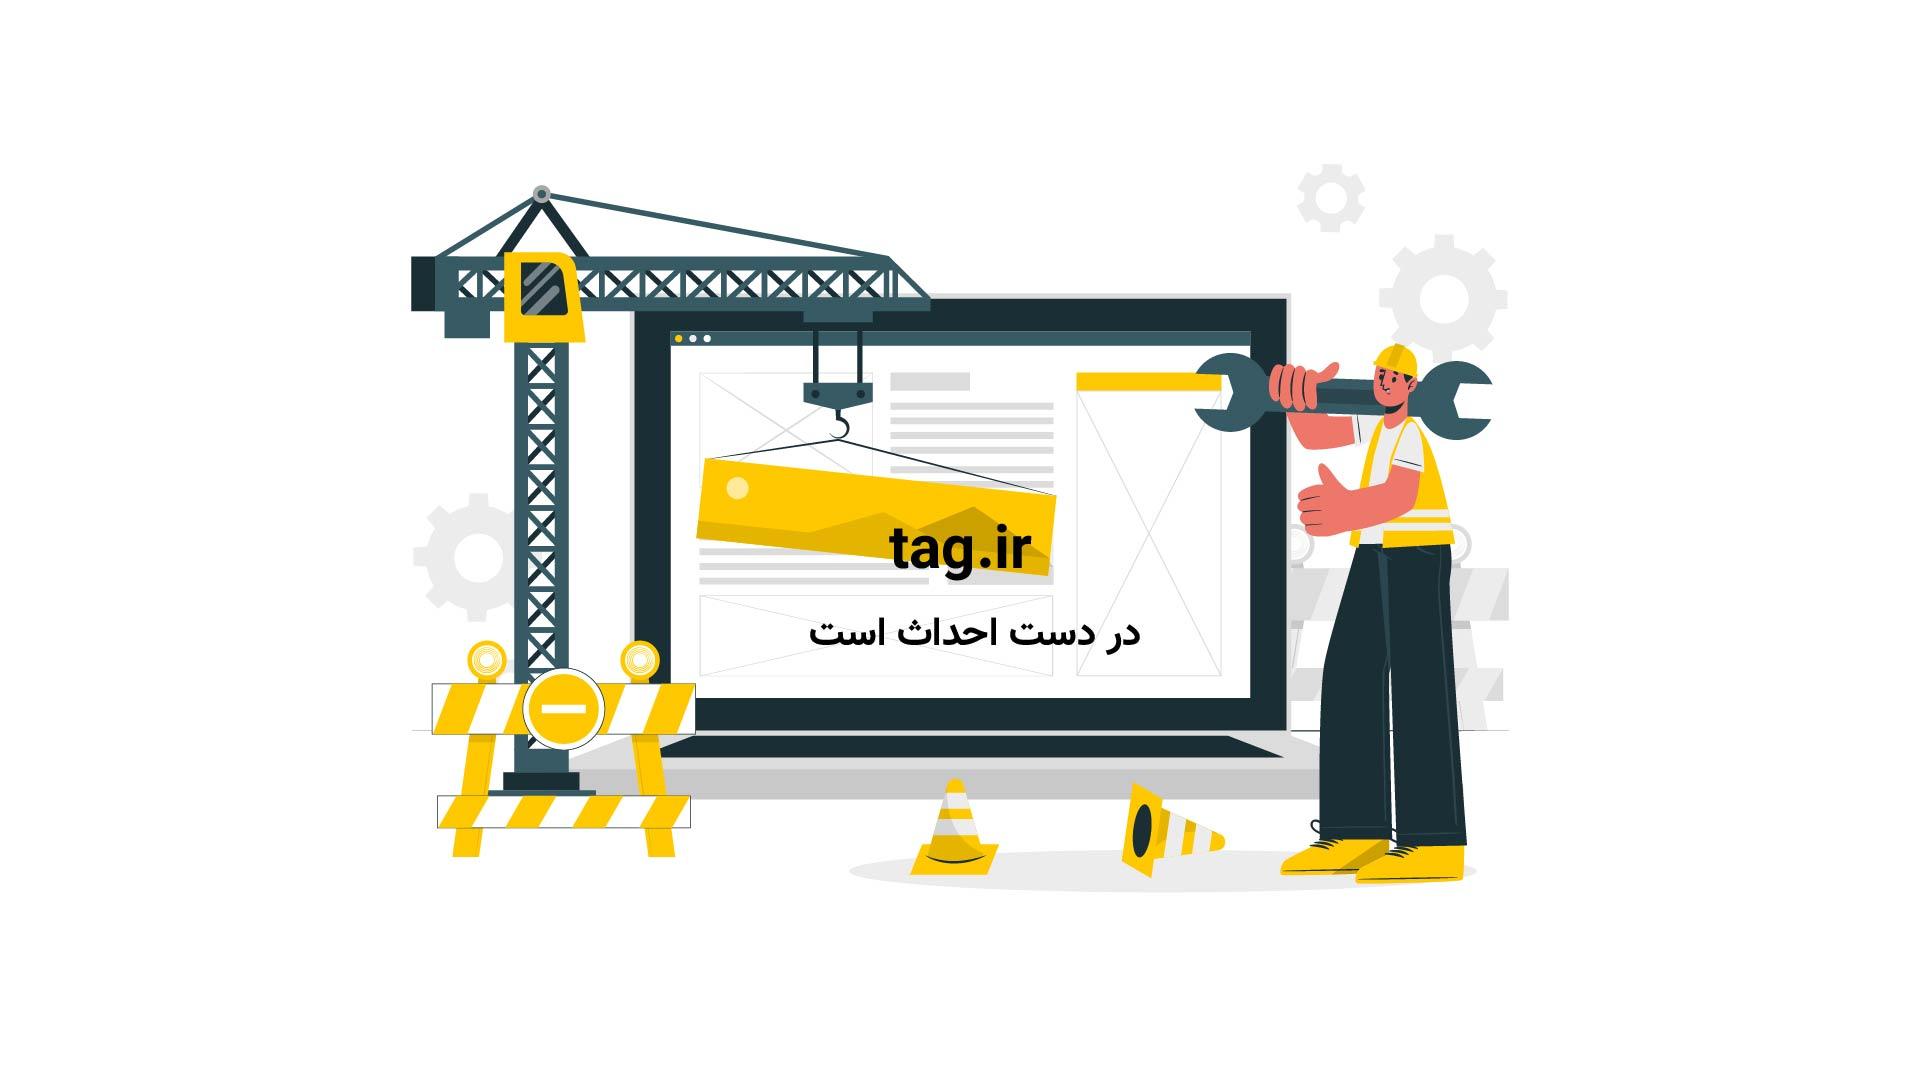 فیلم جالبی از دنیای زیر آب جزیره کیش